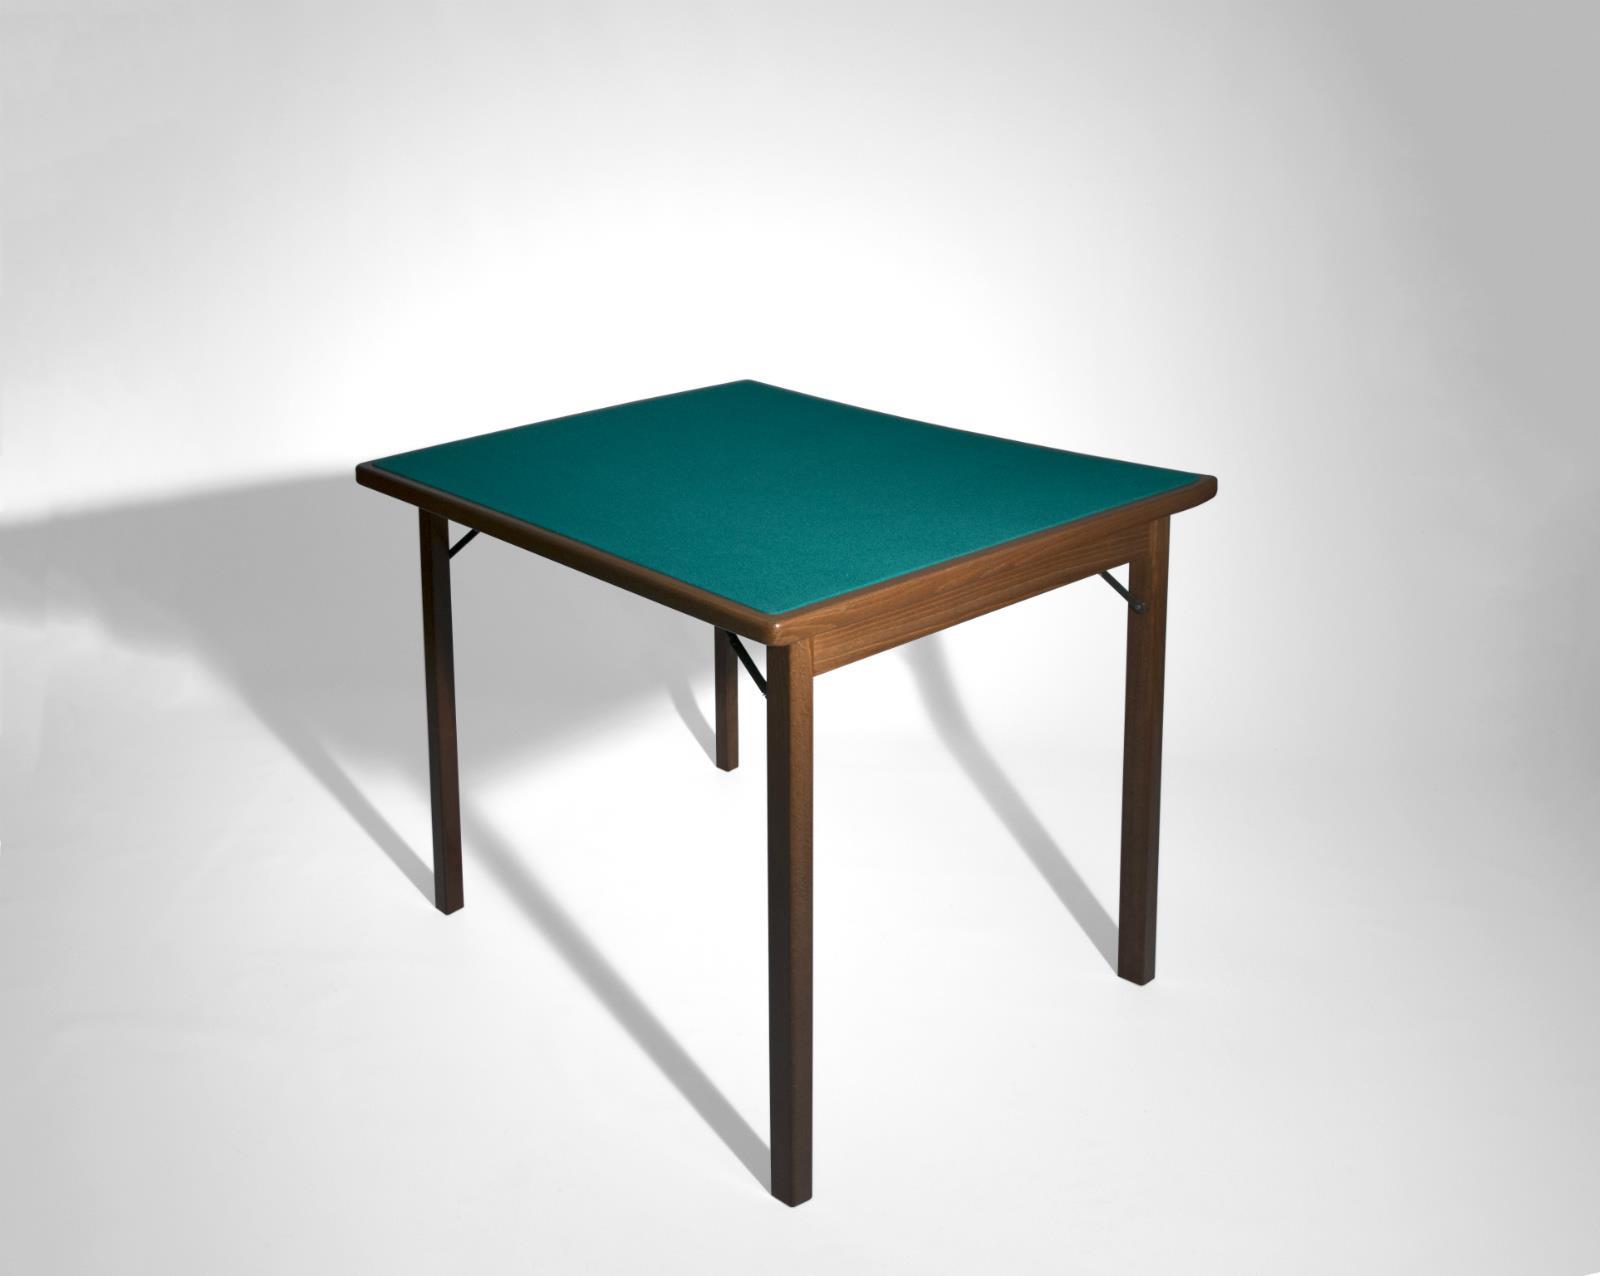 Tavolo da gioco classic fratelli del fabbro srl - Partini gioco da tavolo ...